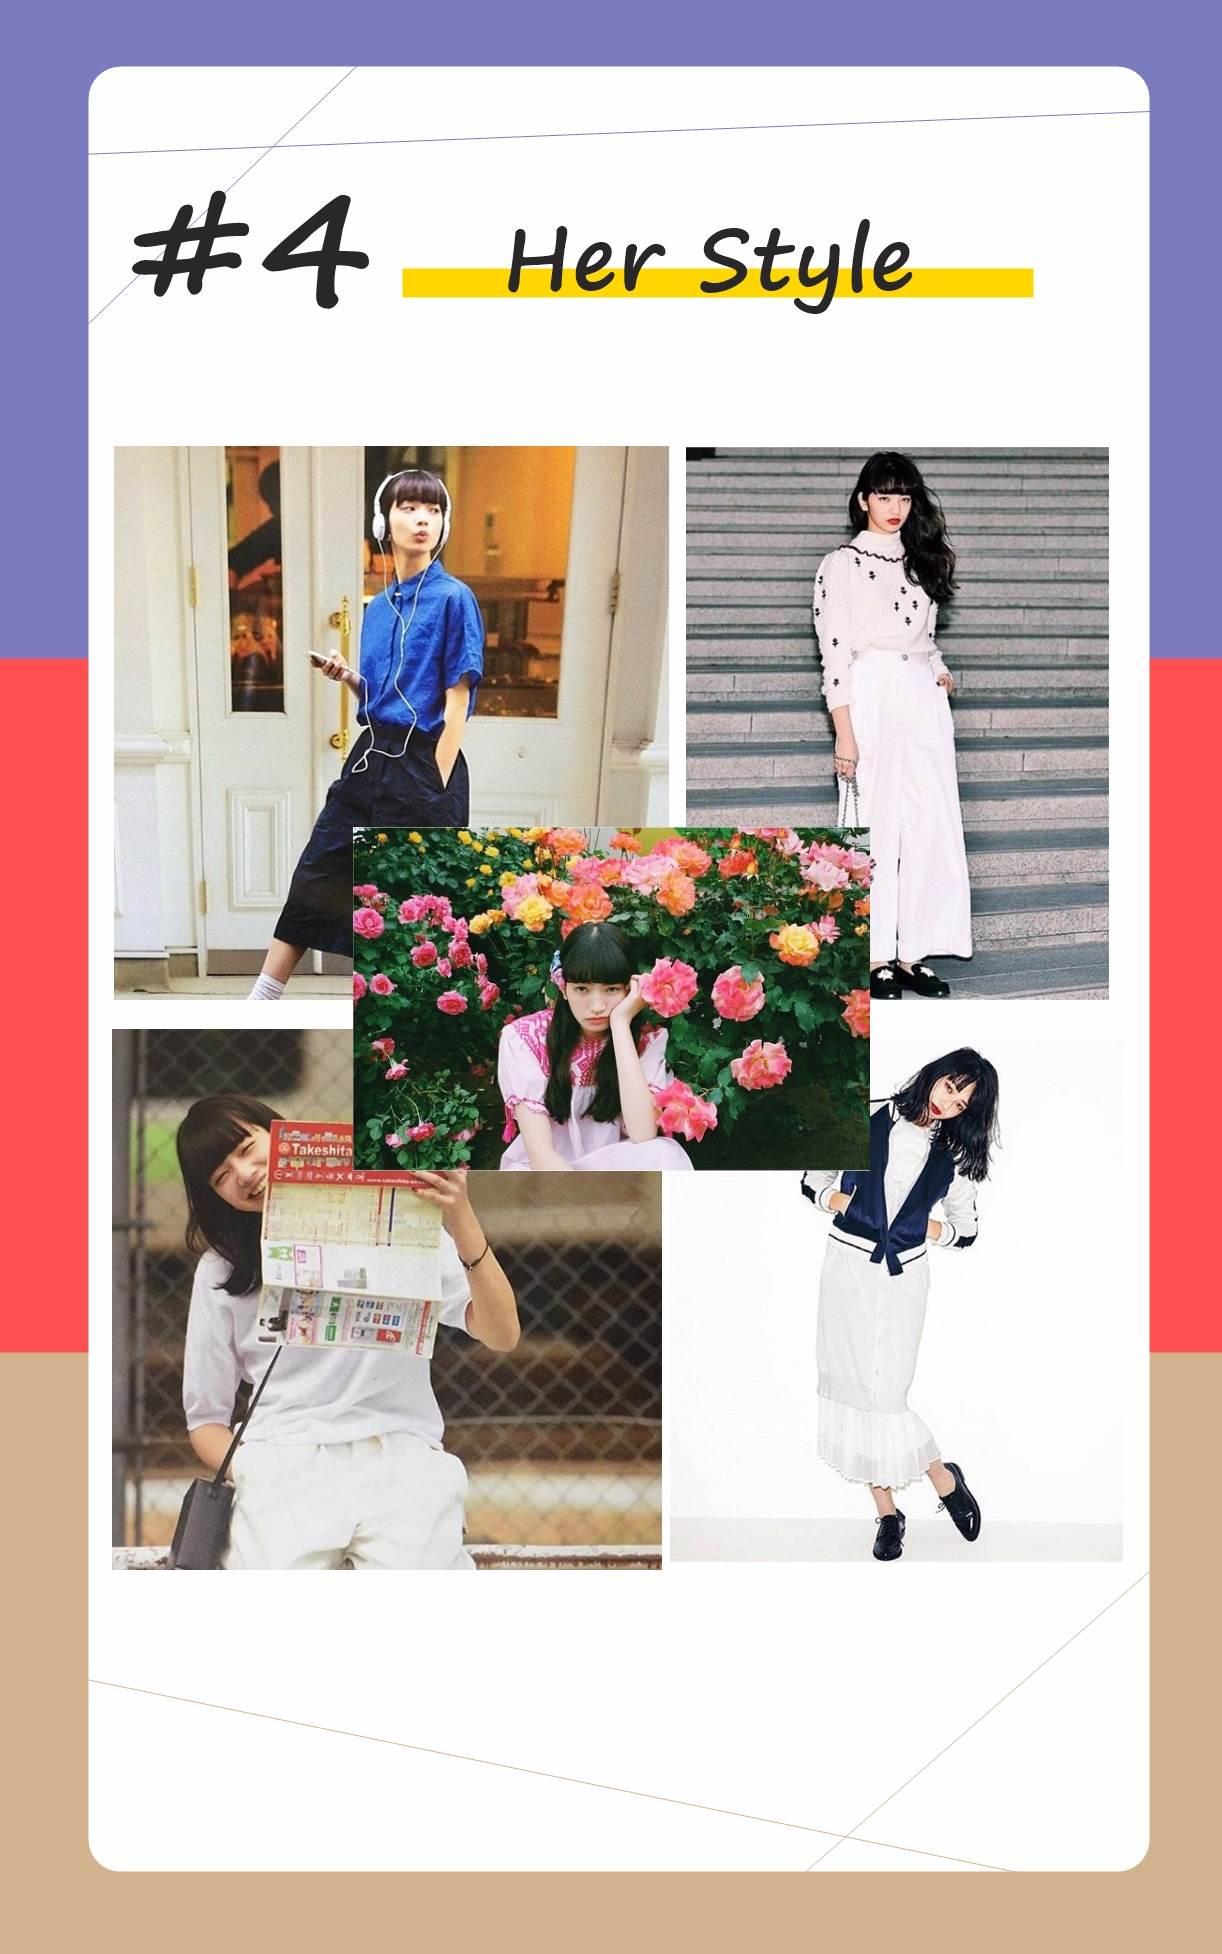 不特別追求可愛、甜美的穿搭,小松菜奈擁有168的高挑身材,偏愛「酷」、「直爽」的造型,也深獲CHANEL等品牌的喜愛